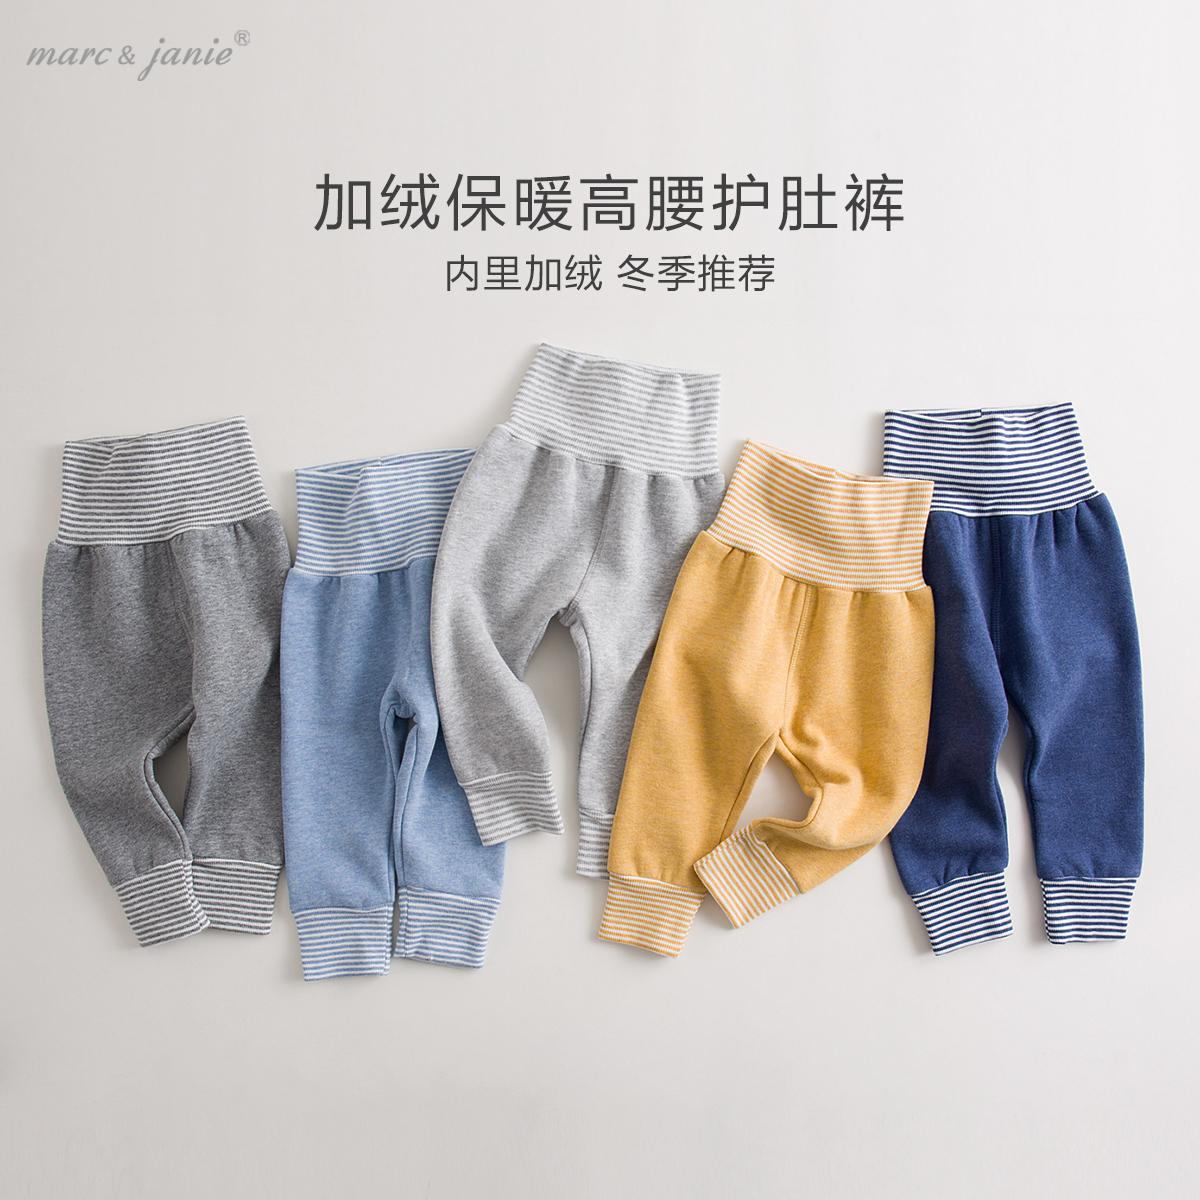 马克珍妮秋冬装宝宝加绒裤子 儿童男女童裤子 婴儿护肚裤63012